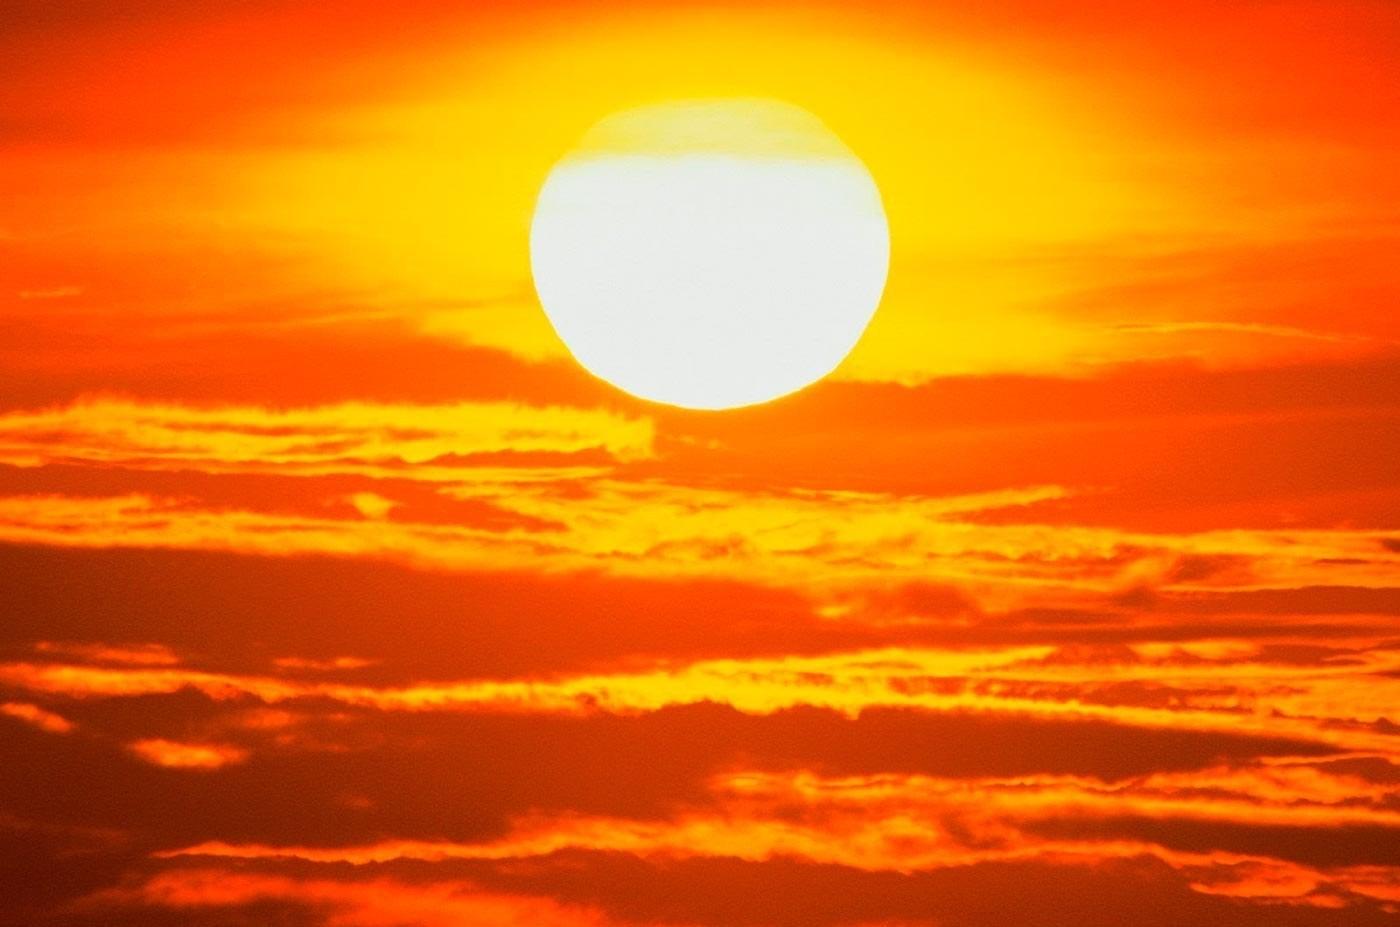 В начале августа в Узбекистане будет 30-38° тепла